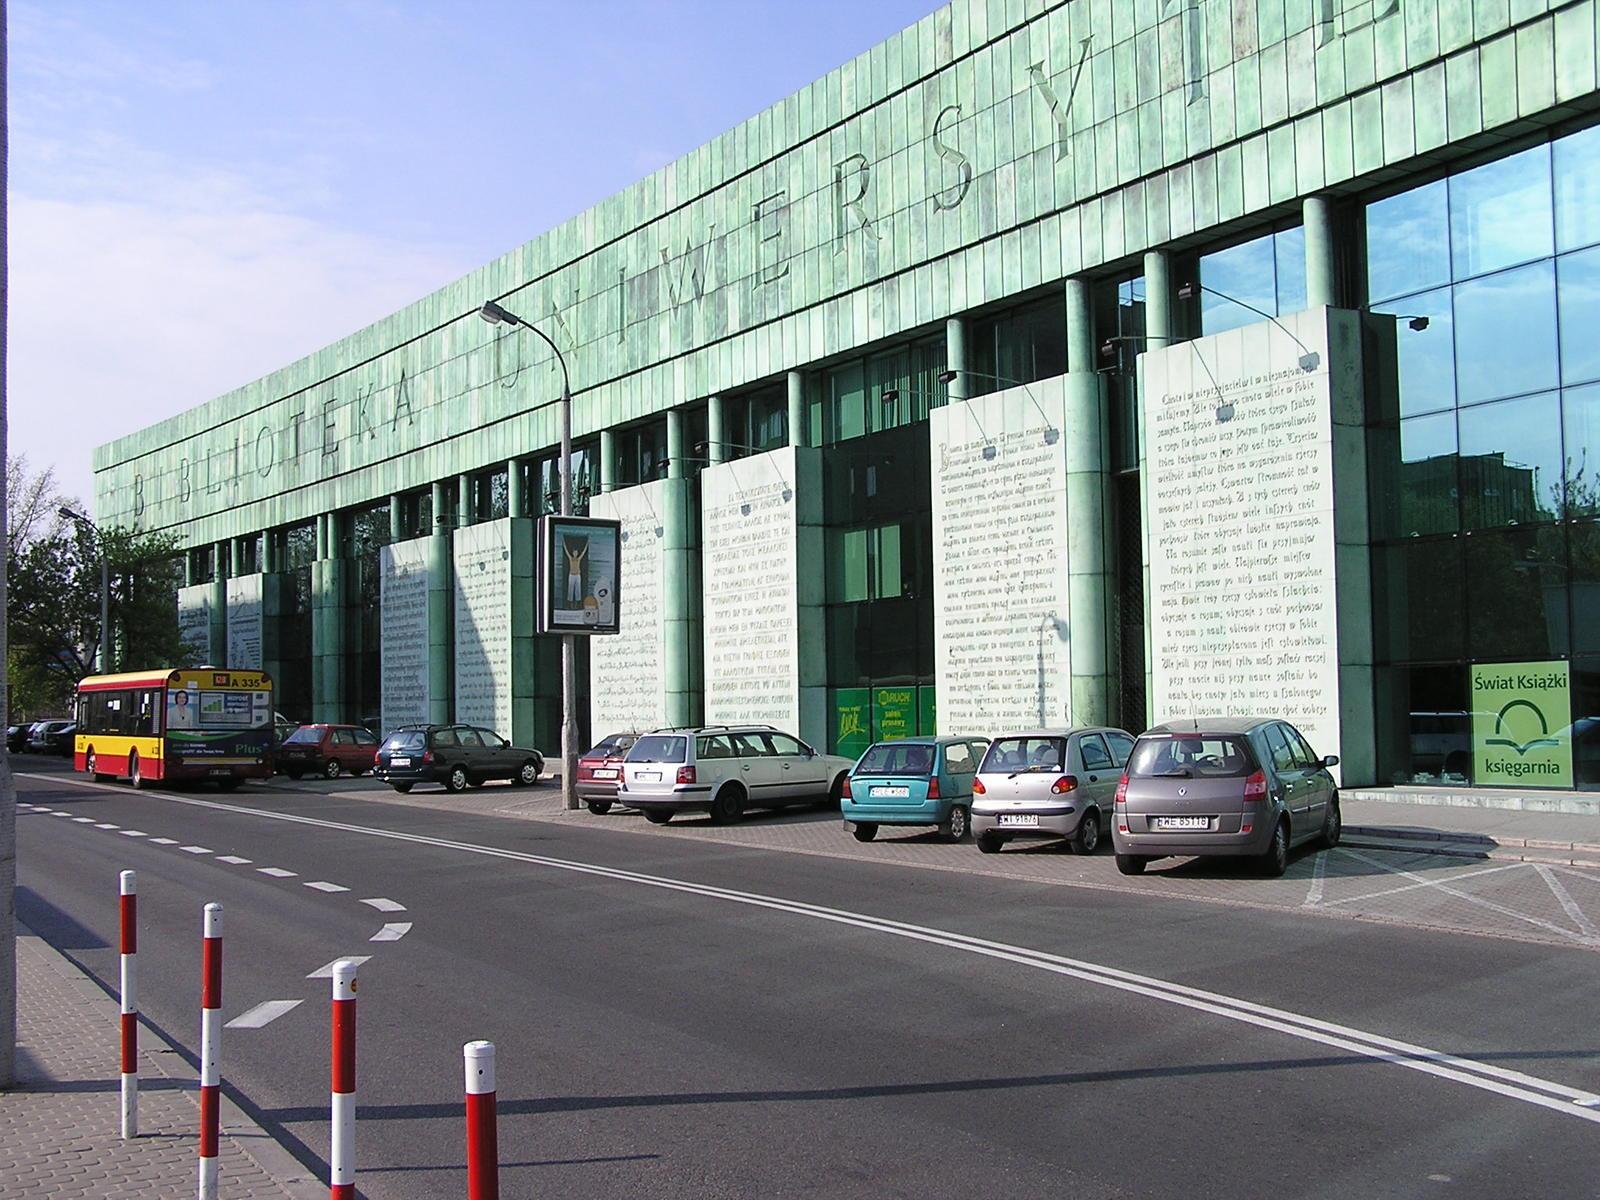 Free biblioteka uniwersytecka w warszawie stock photo for Nauka coffee table